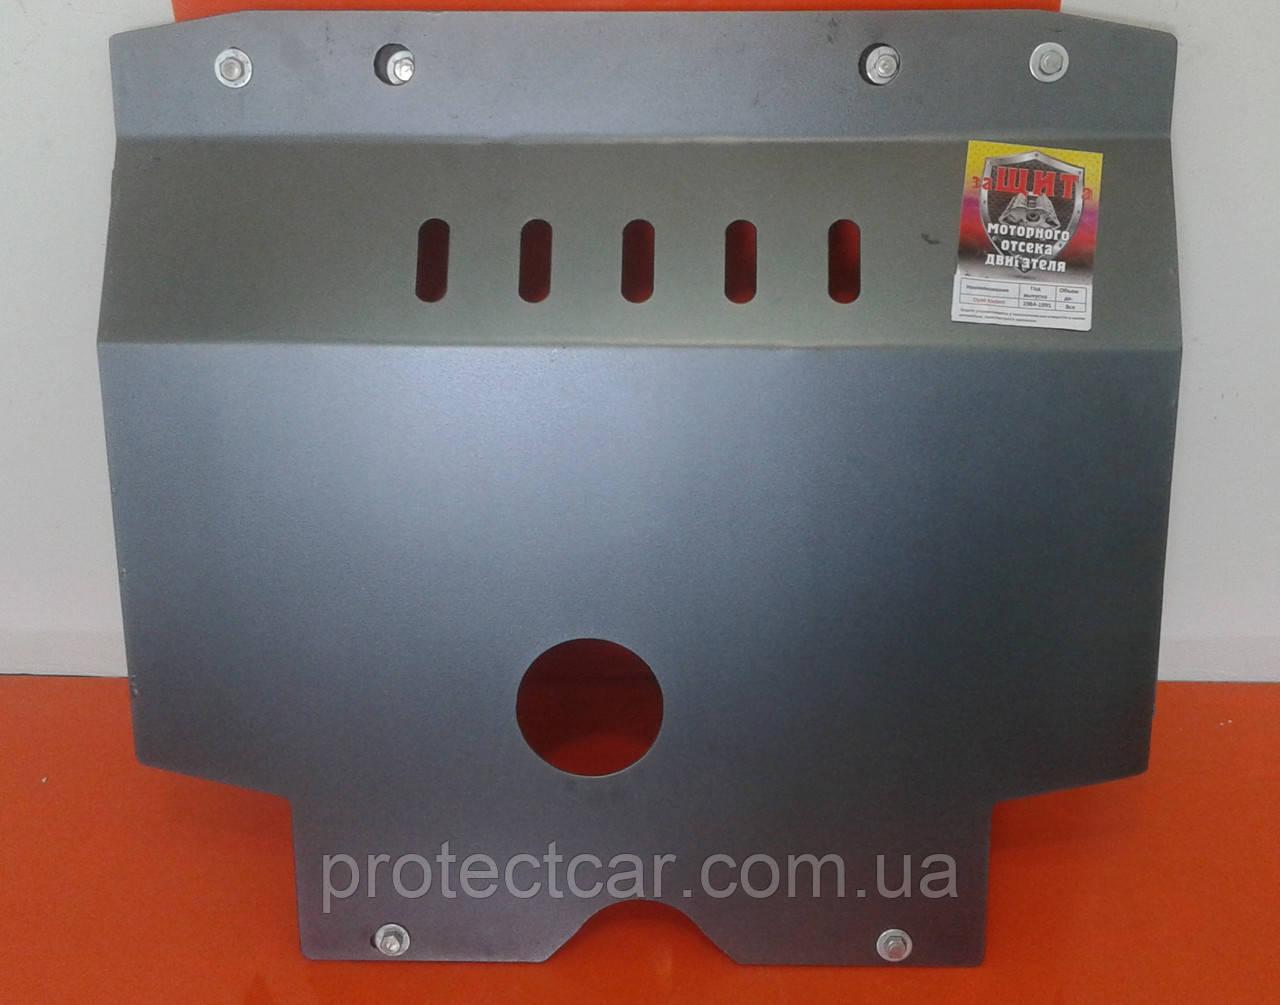 Защита двигателя Оpel Kadett (1985-1992)